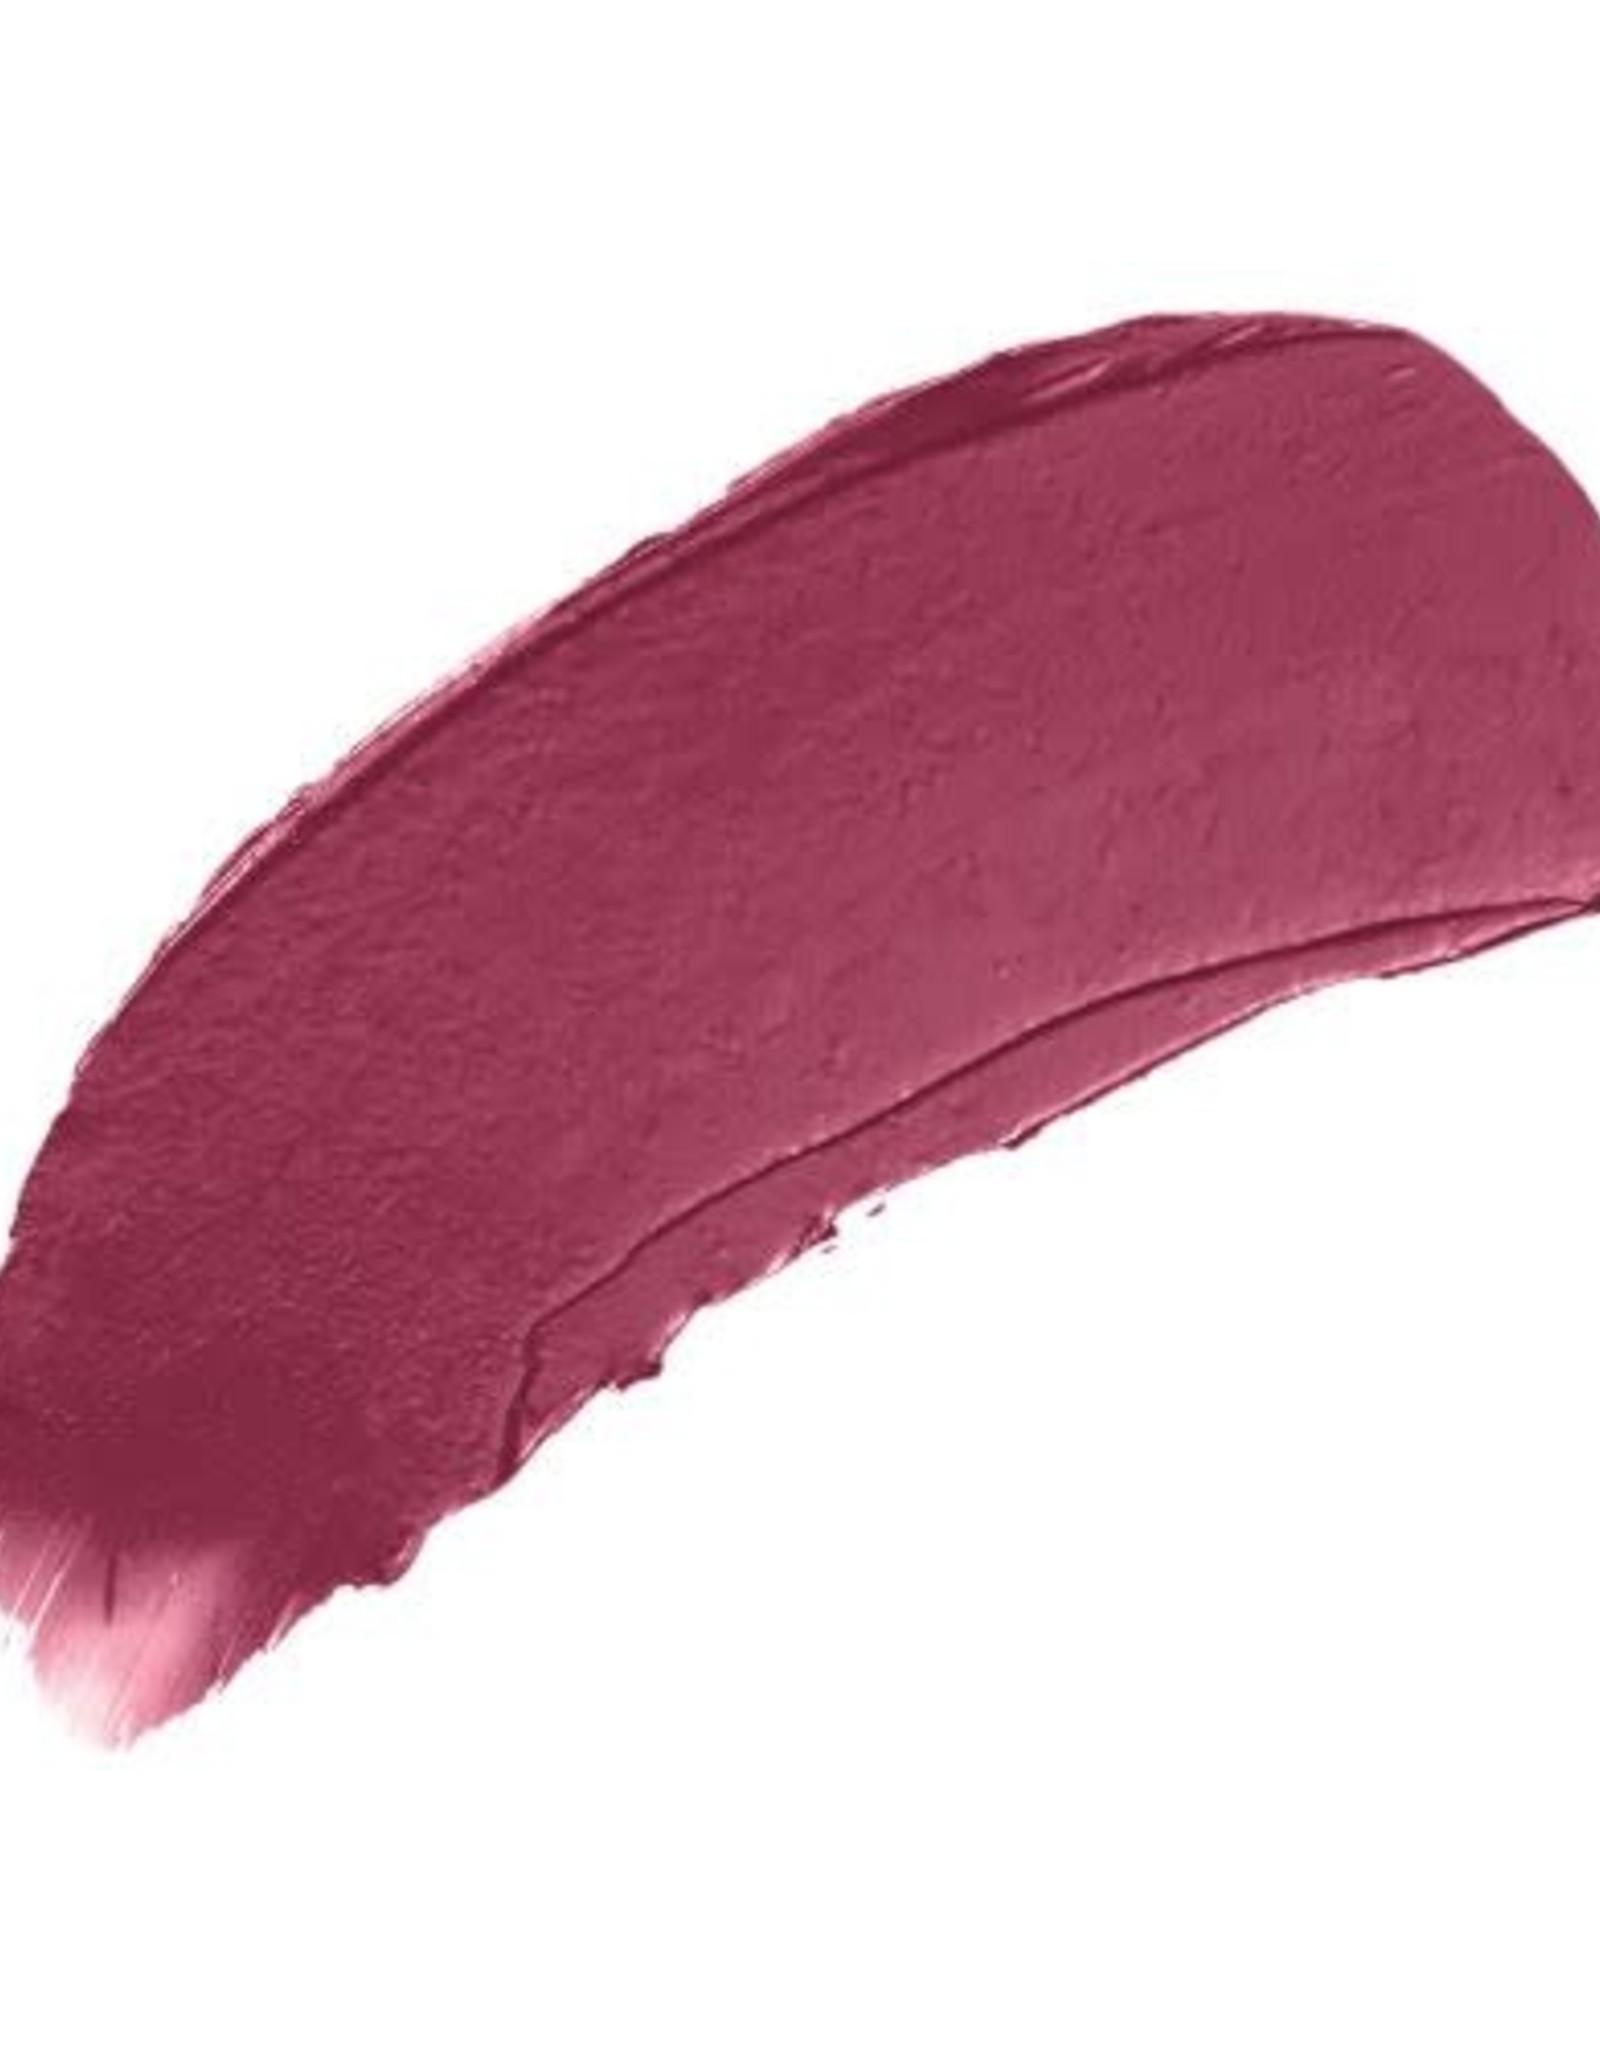 Jane Iredale Triple Luxe Lipstick